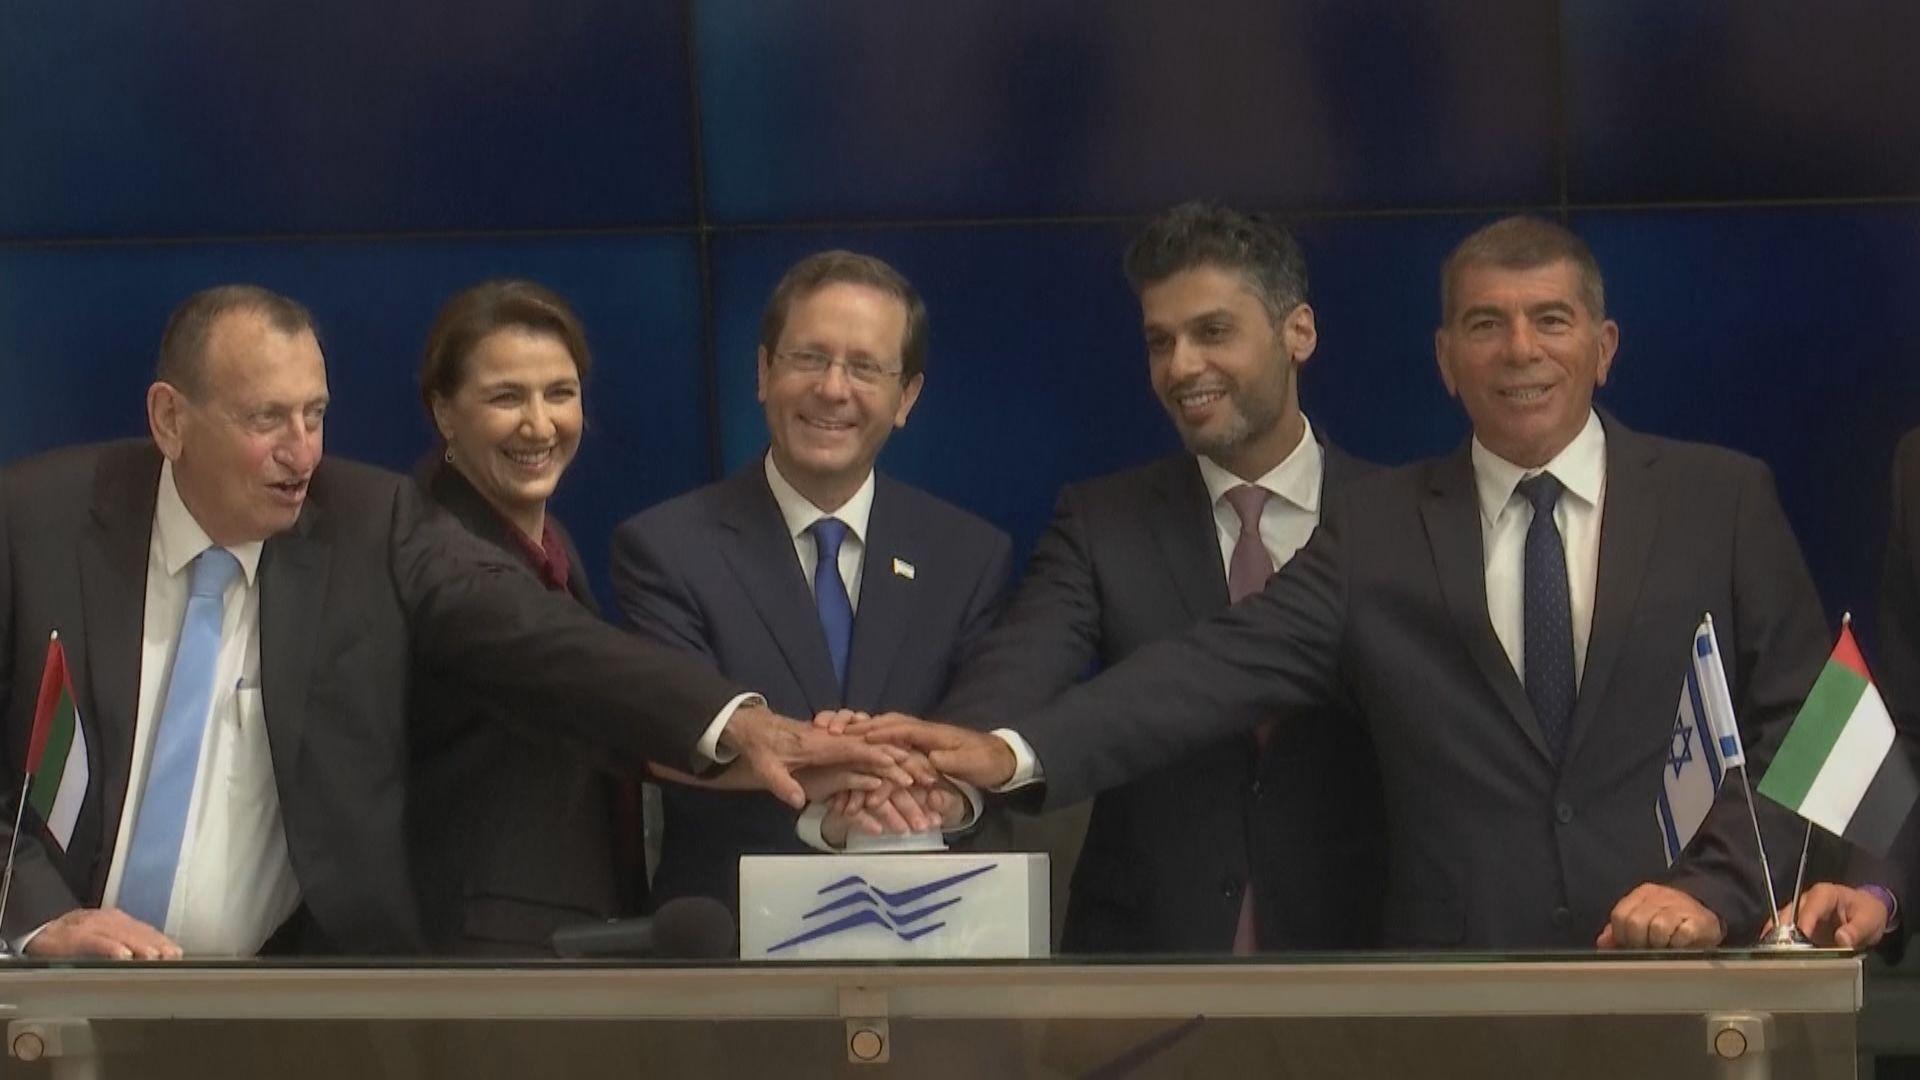 阿聯酋駐以色列大使館揭幕 雙方期望加強貿易投資關係